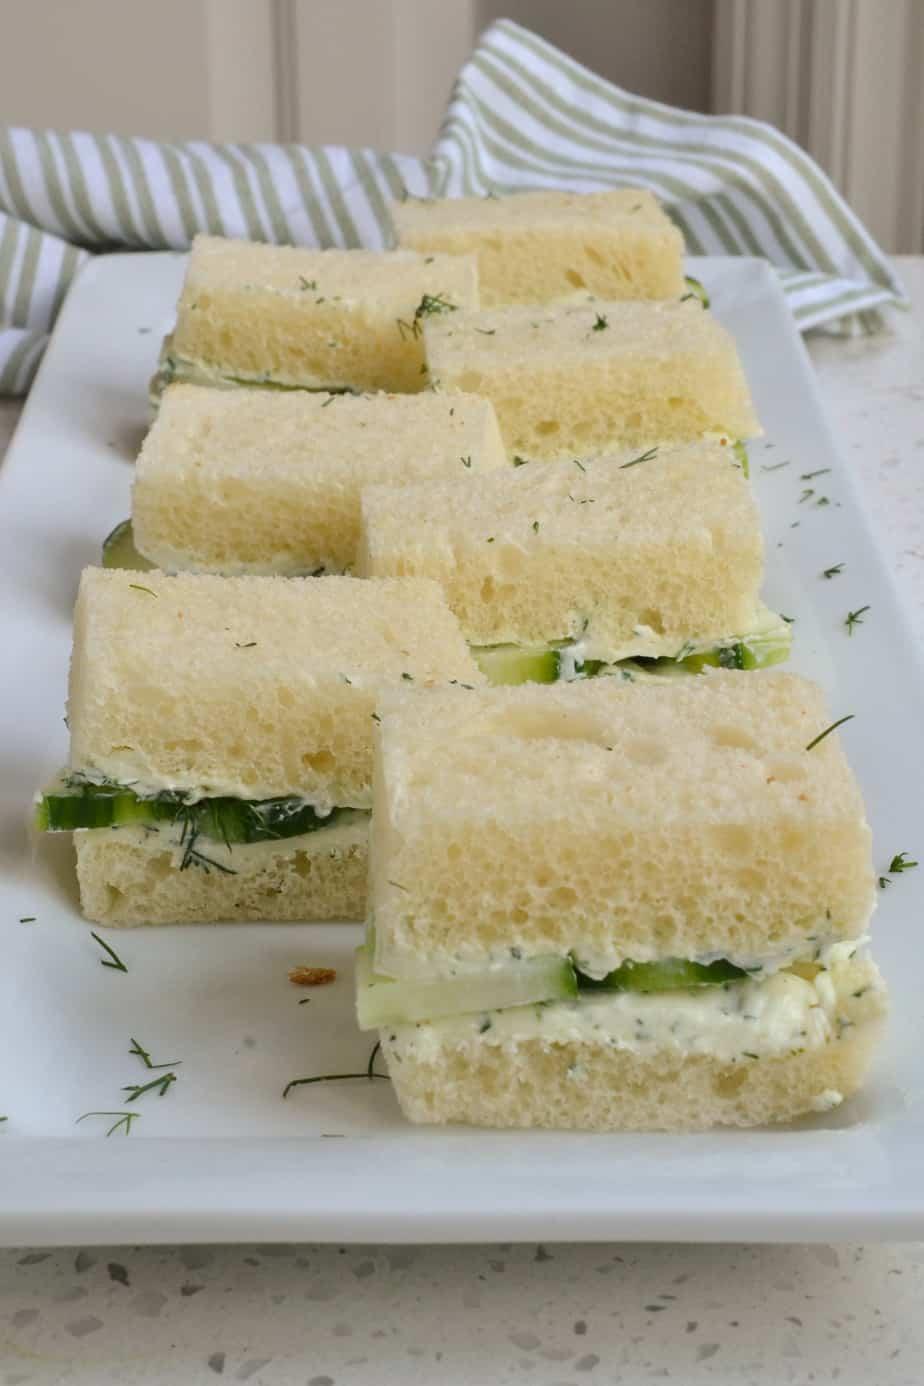 A platter full of cucumber sandwiches.